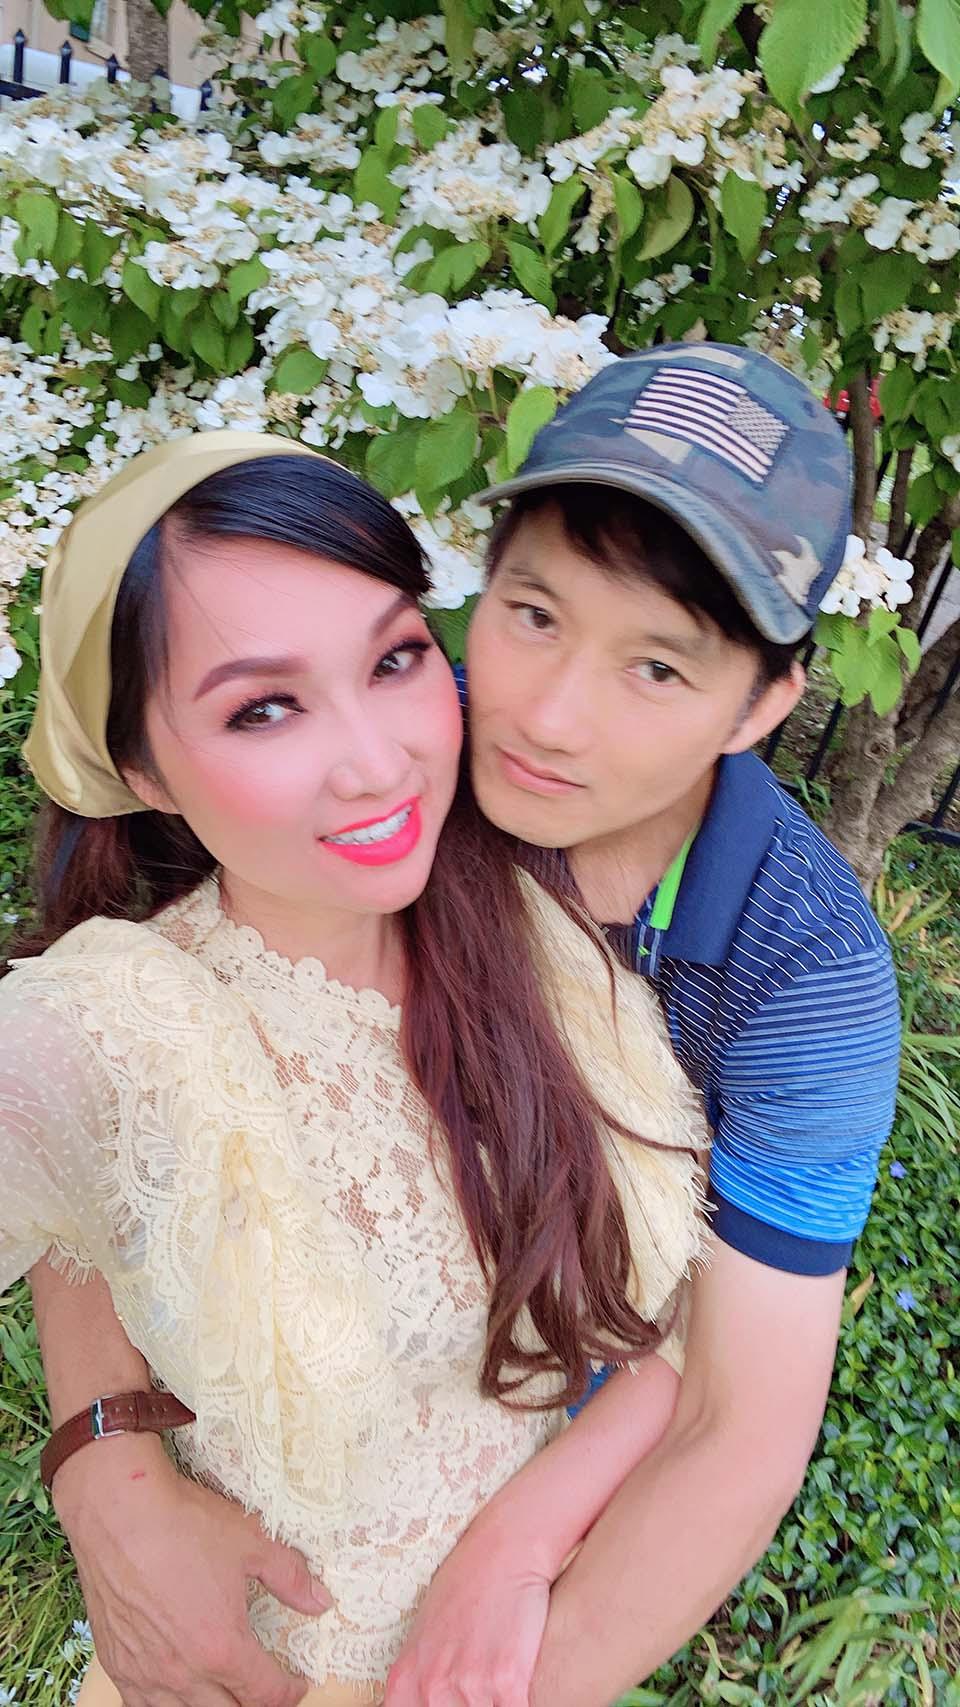 Ca sĩ Kavie Trần sốc vì bạn trai yêu 10 năm đột ngột qua đời - 1